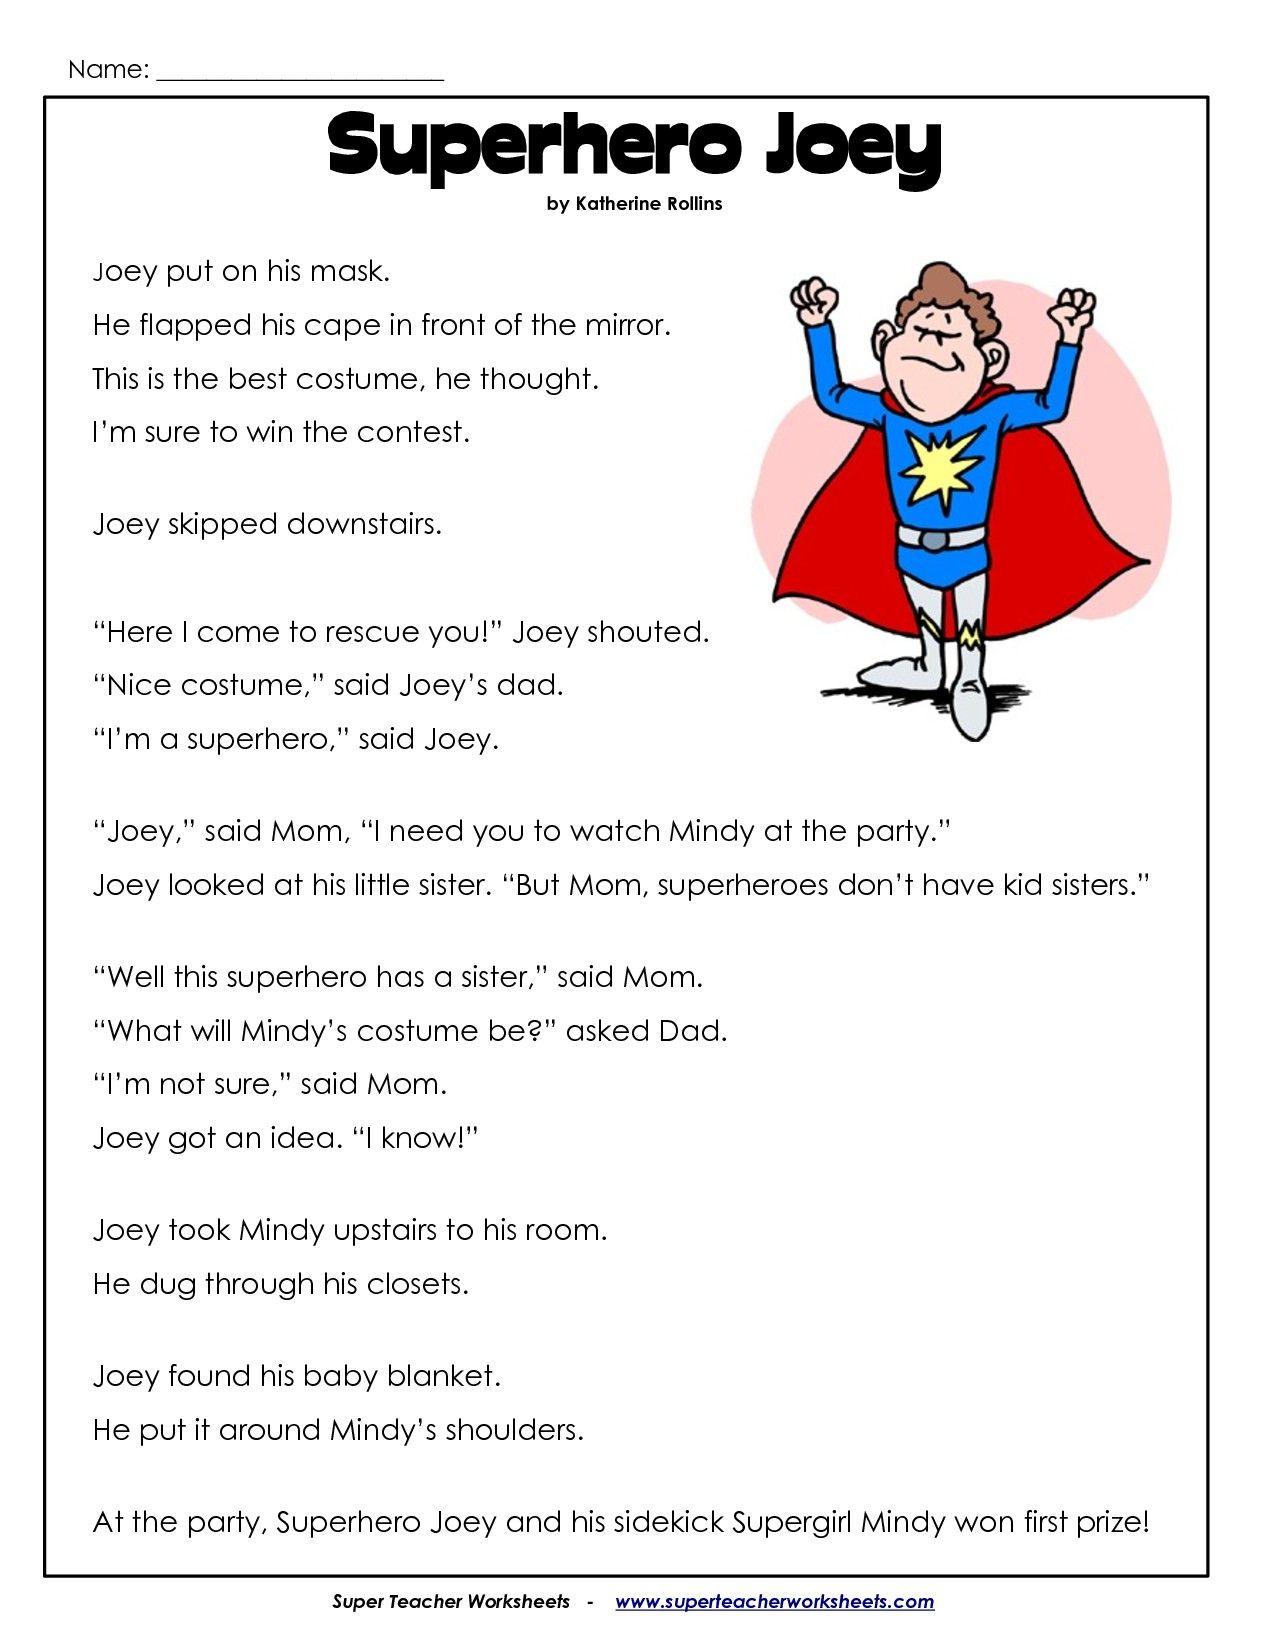 Second Grade Reading Comprehension Worksheets   Kiduls Printable   2nd grade  reading worksheets [ 1650 x 1275 Pixel ]